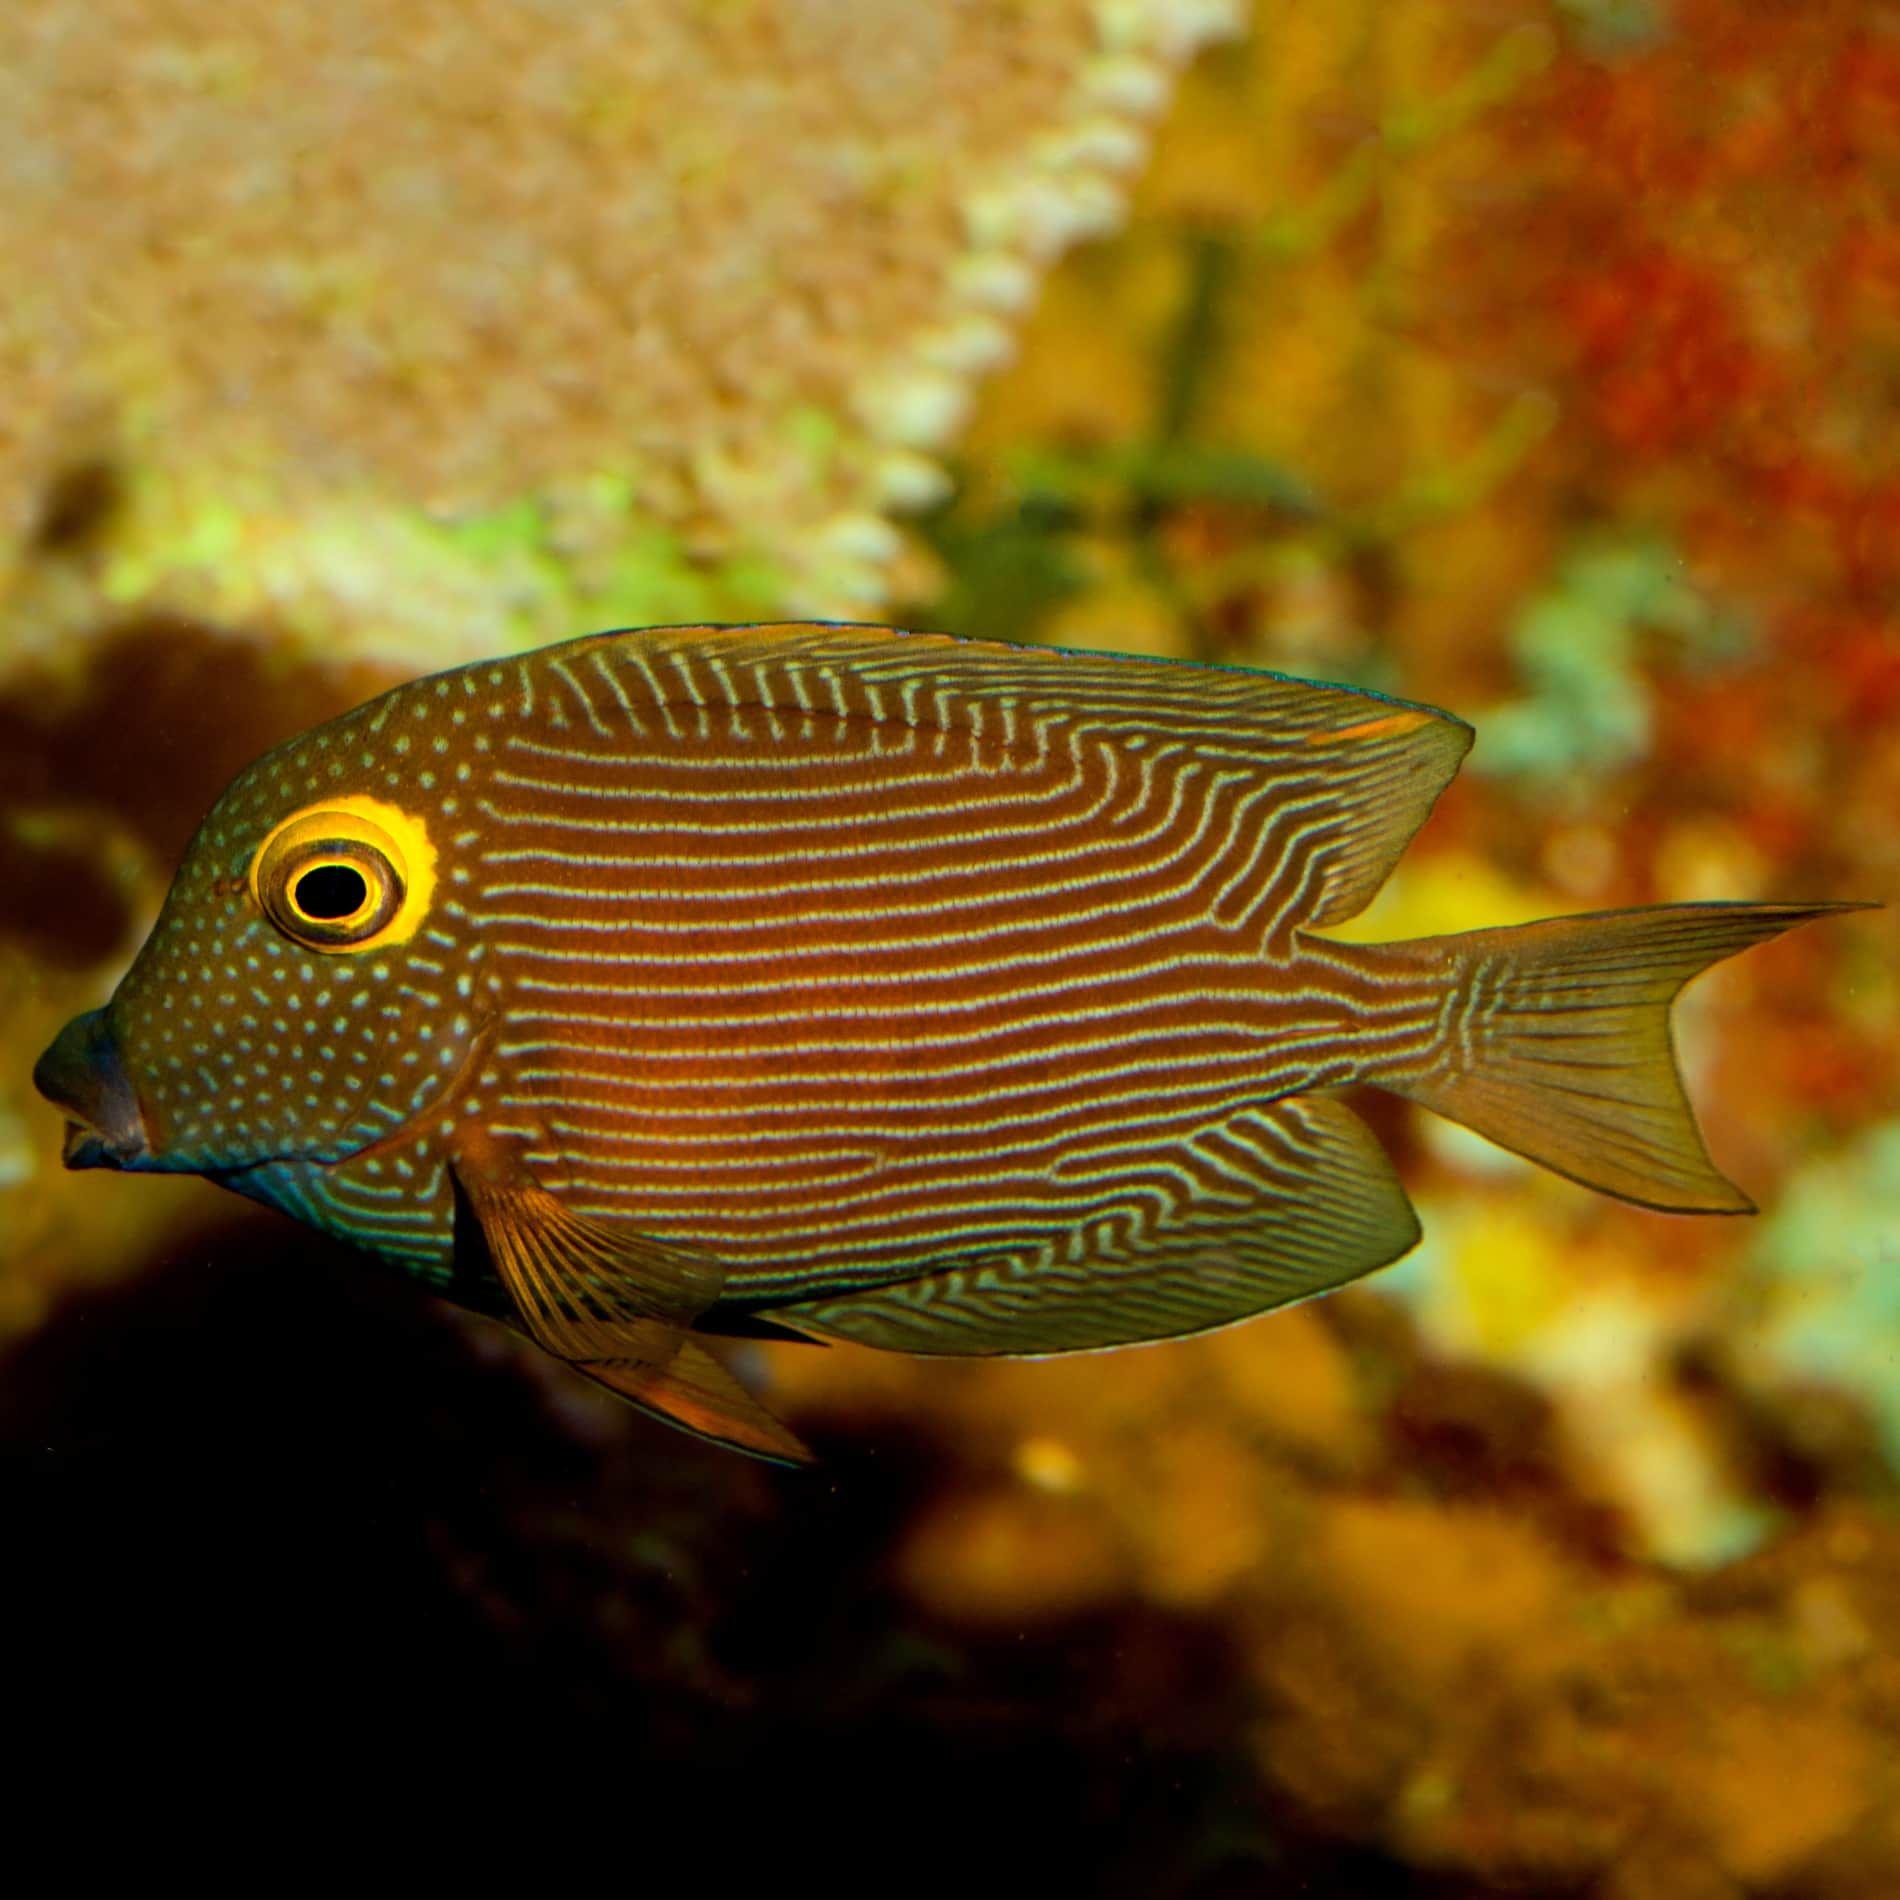 Kole Yellow Eye Tang Ctenochaetus Strigosus Yellow Eyes Herbivores Fish Pet